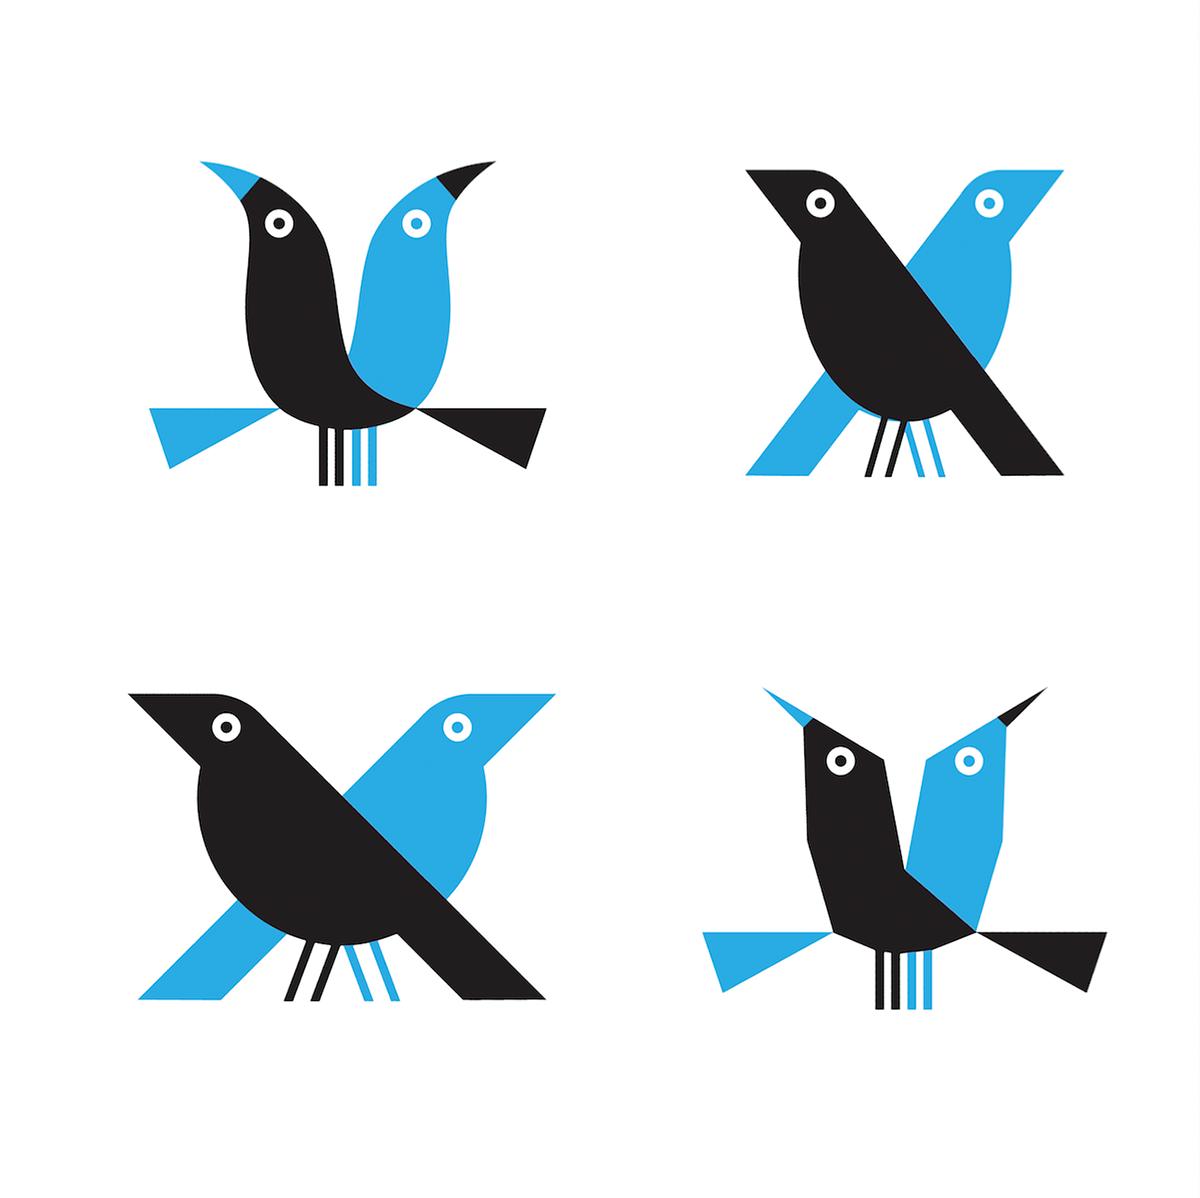 birds animals logos logotypes minimal Minimalism